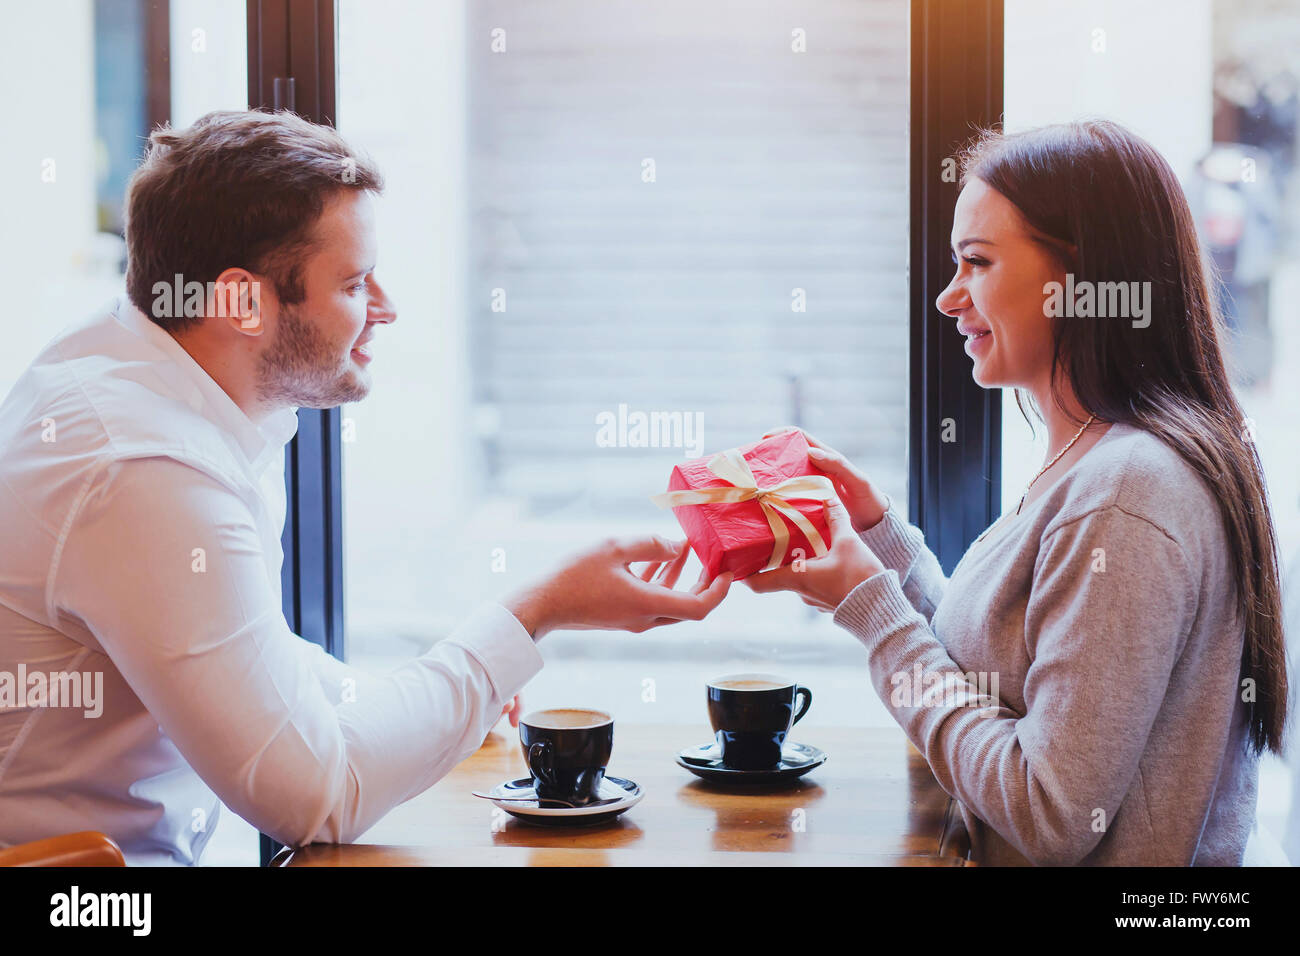 Geschenk für Valentinstag, Geburtstag oder Jubiläum, Mann und Frau in Café, paar Porträt Stockbild